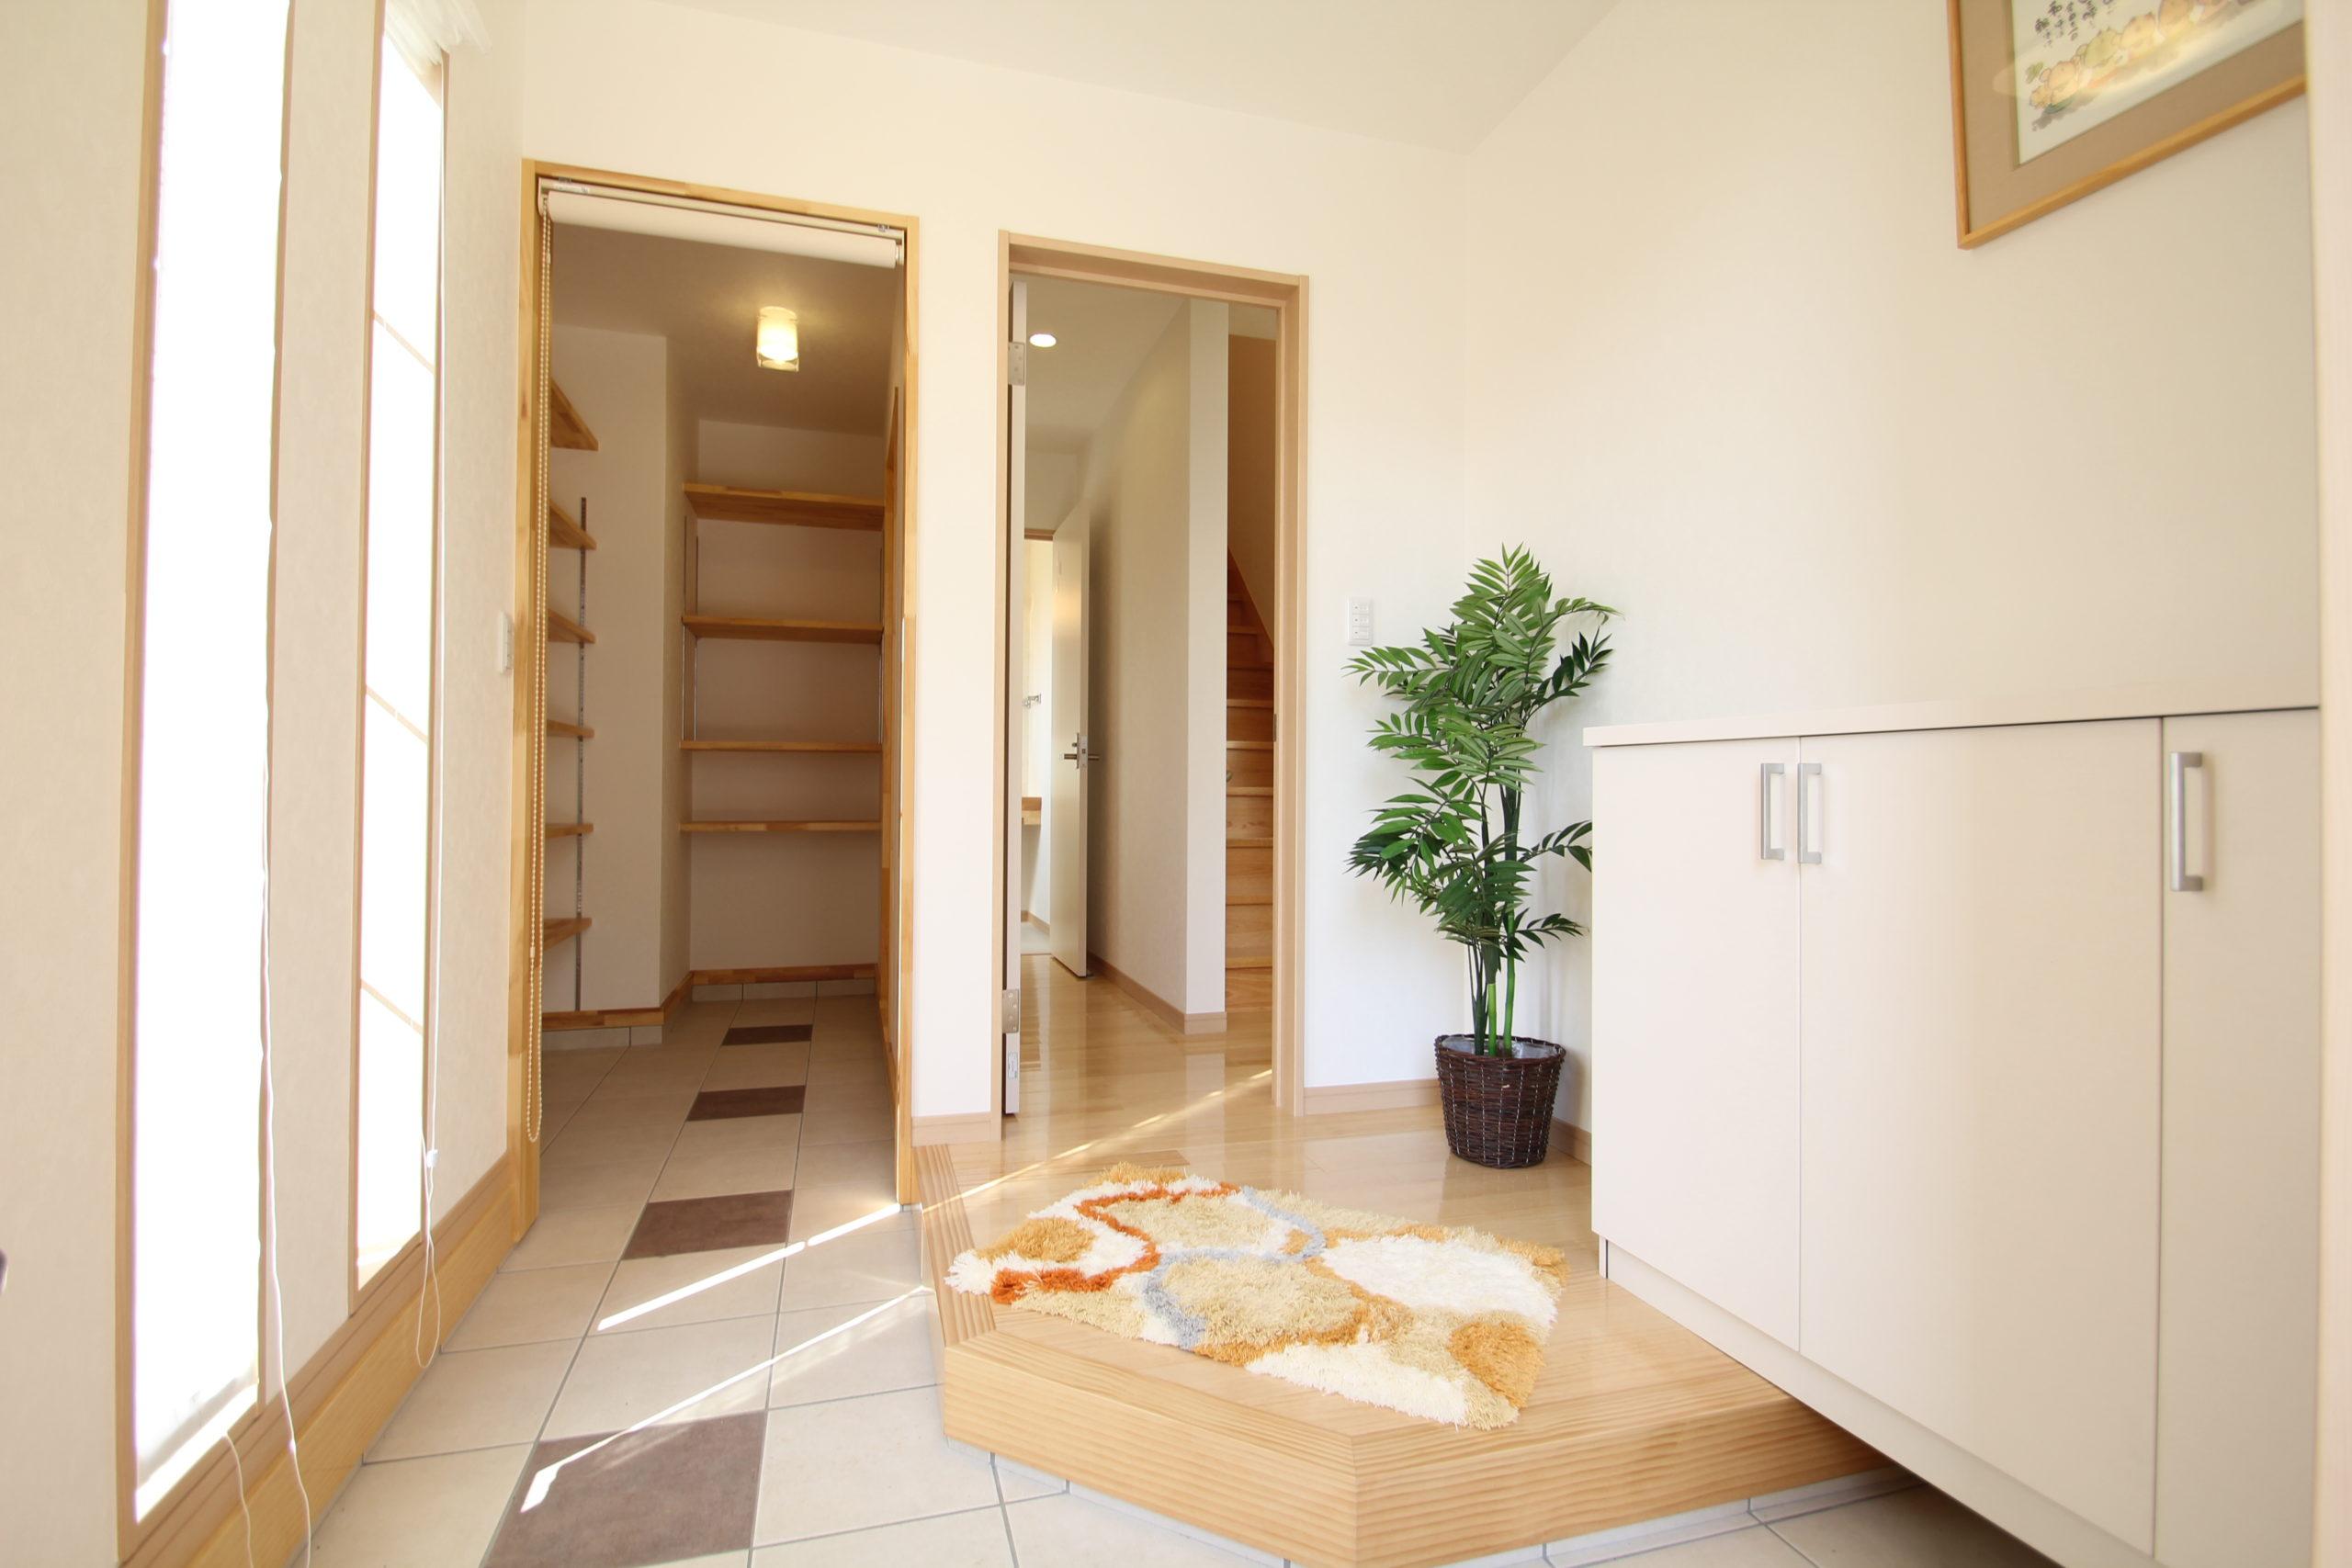 玄関ホール:玄関横にシューズクロゼット他可動棚により大きさににより細かく収納できます